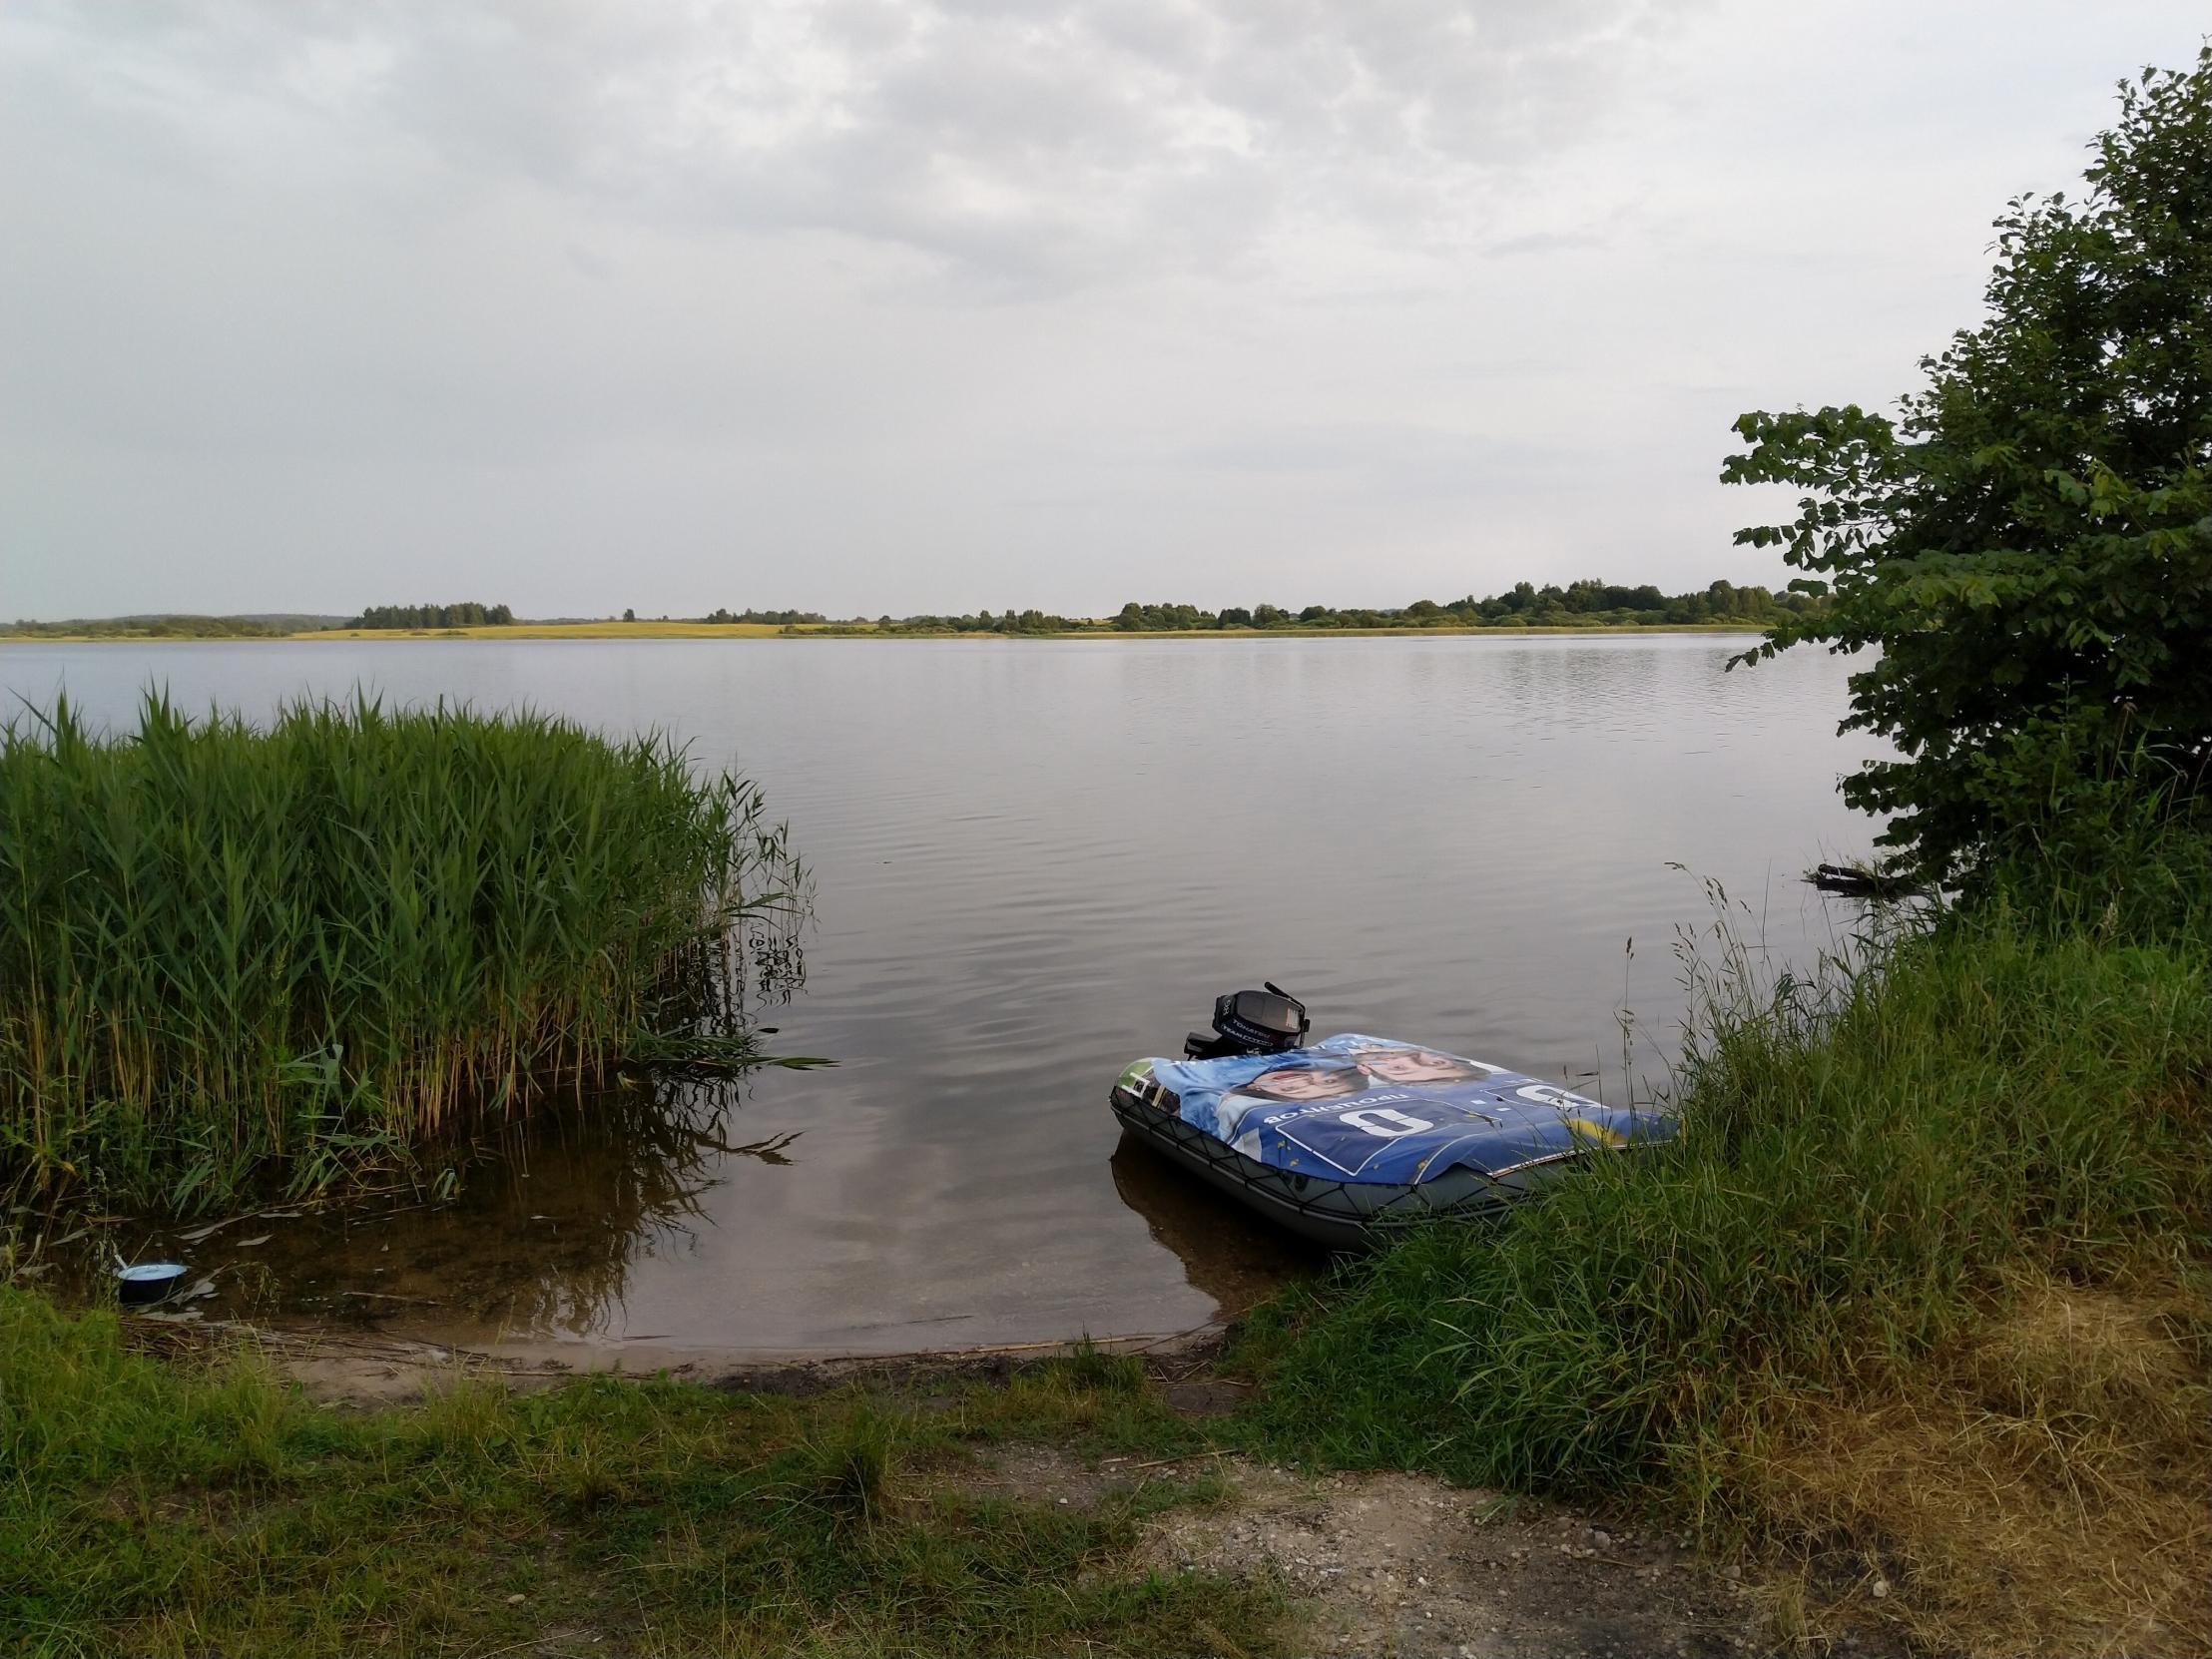 Отдыхали прошлые выходные отличной компанией на озере. Были ...   Отчеты о рыбалке в Беларуси